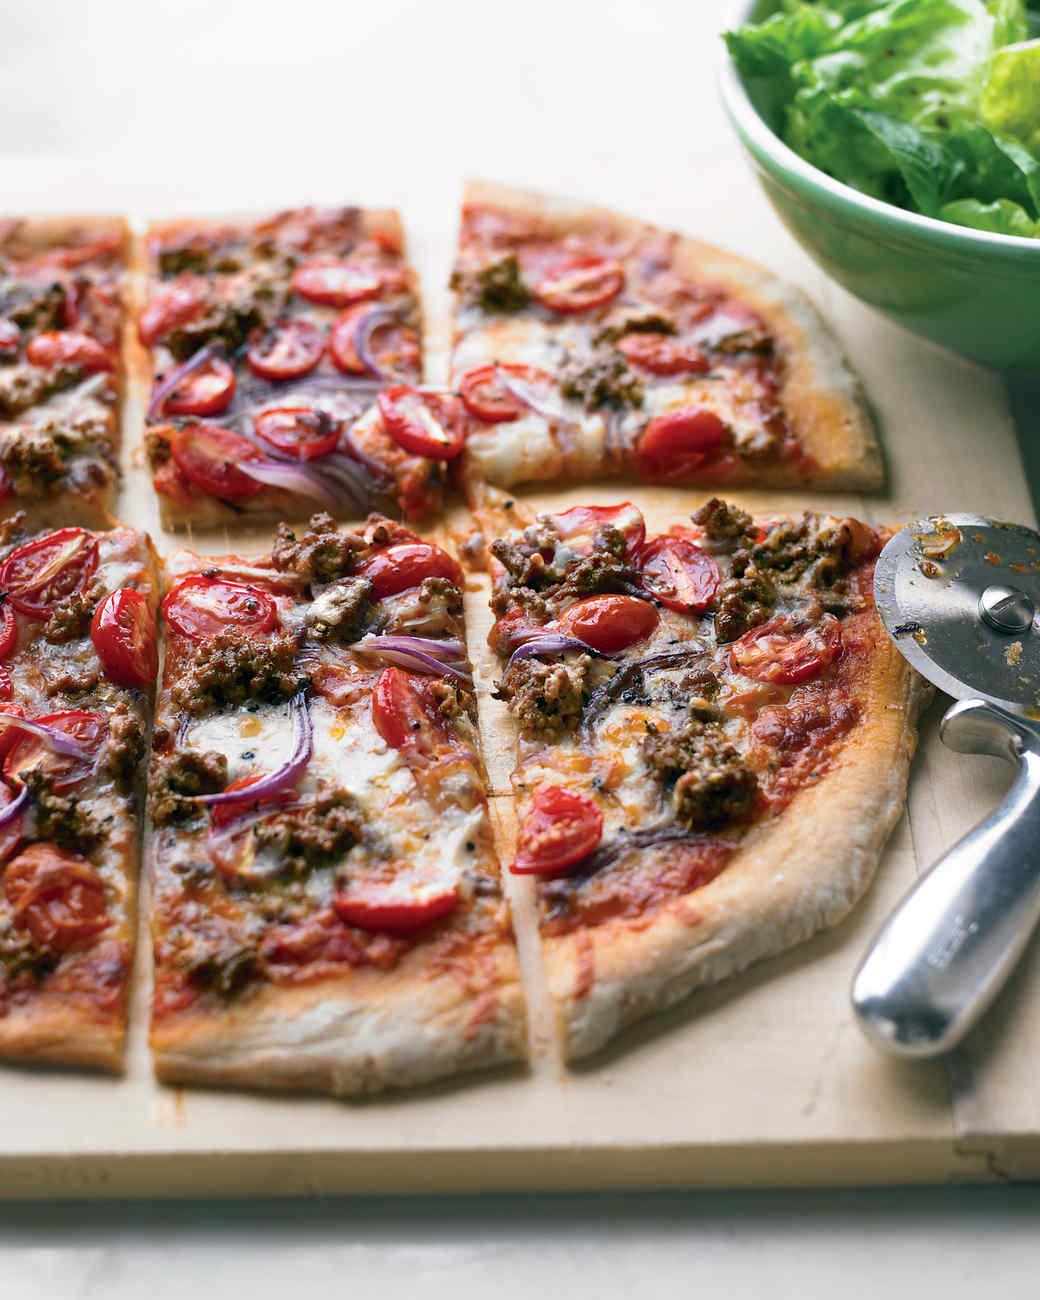 med103746_0508_pizza.jpg